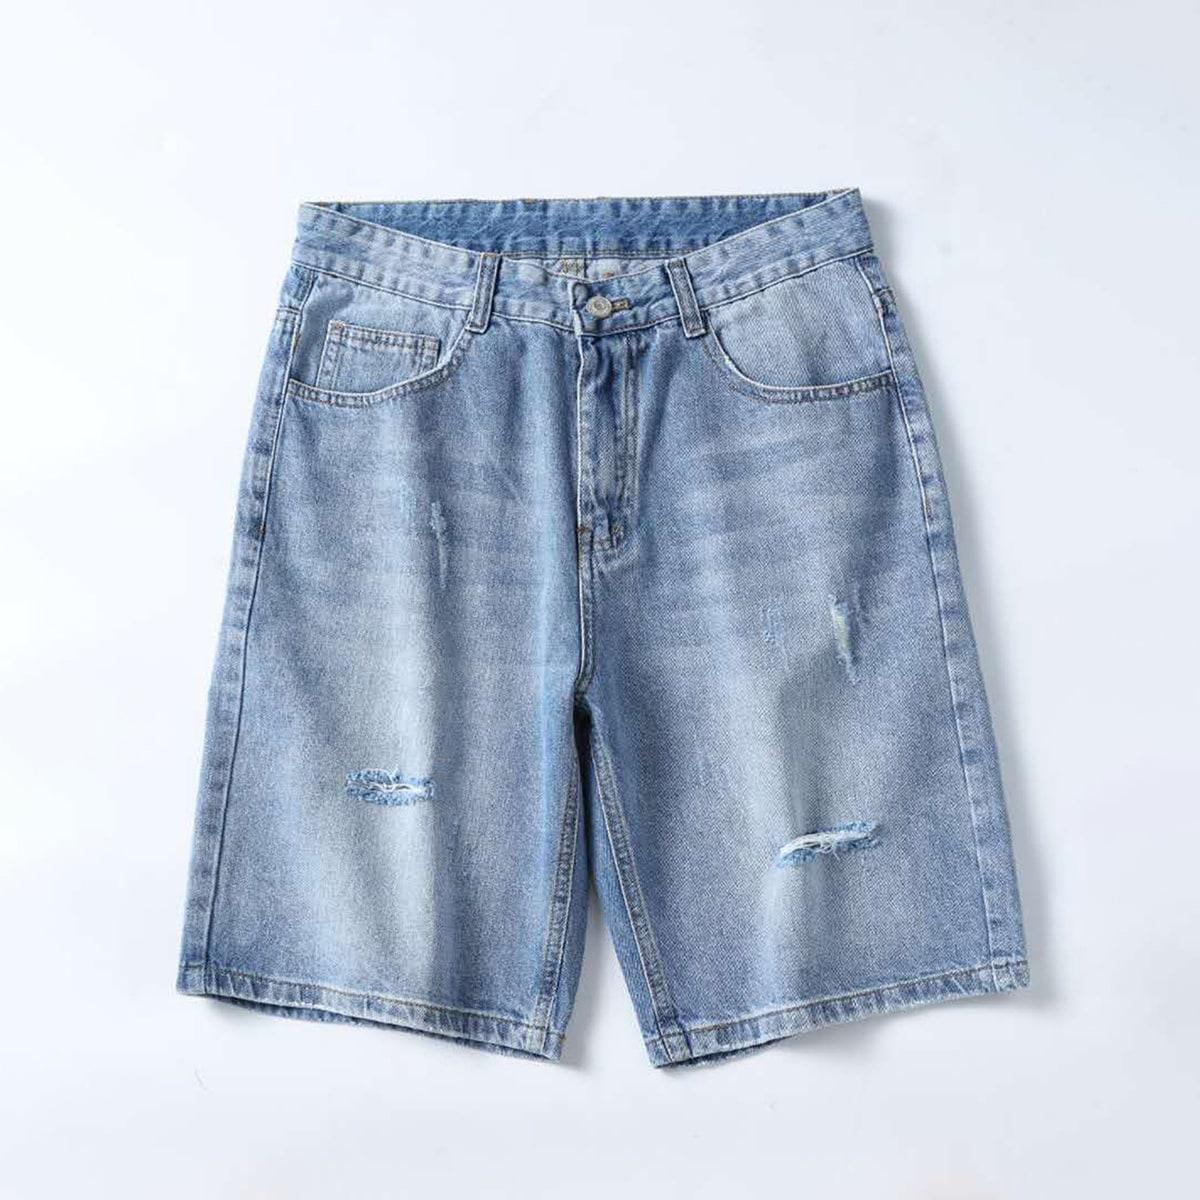 Карман Одноцветный Повседневный Мужские джинсовые шорты